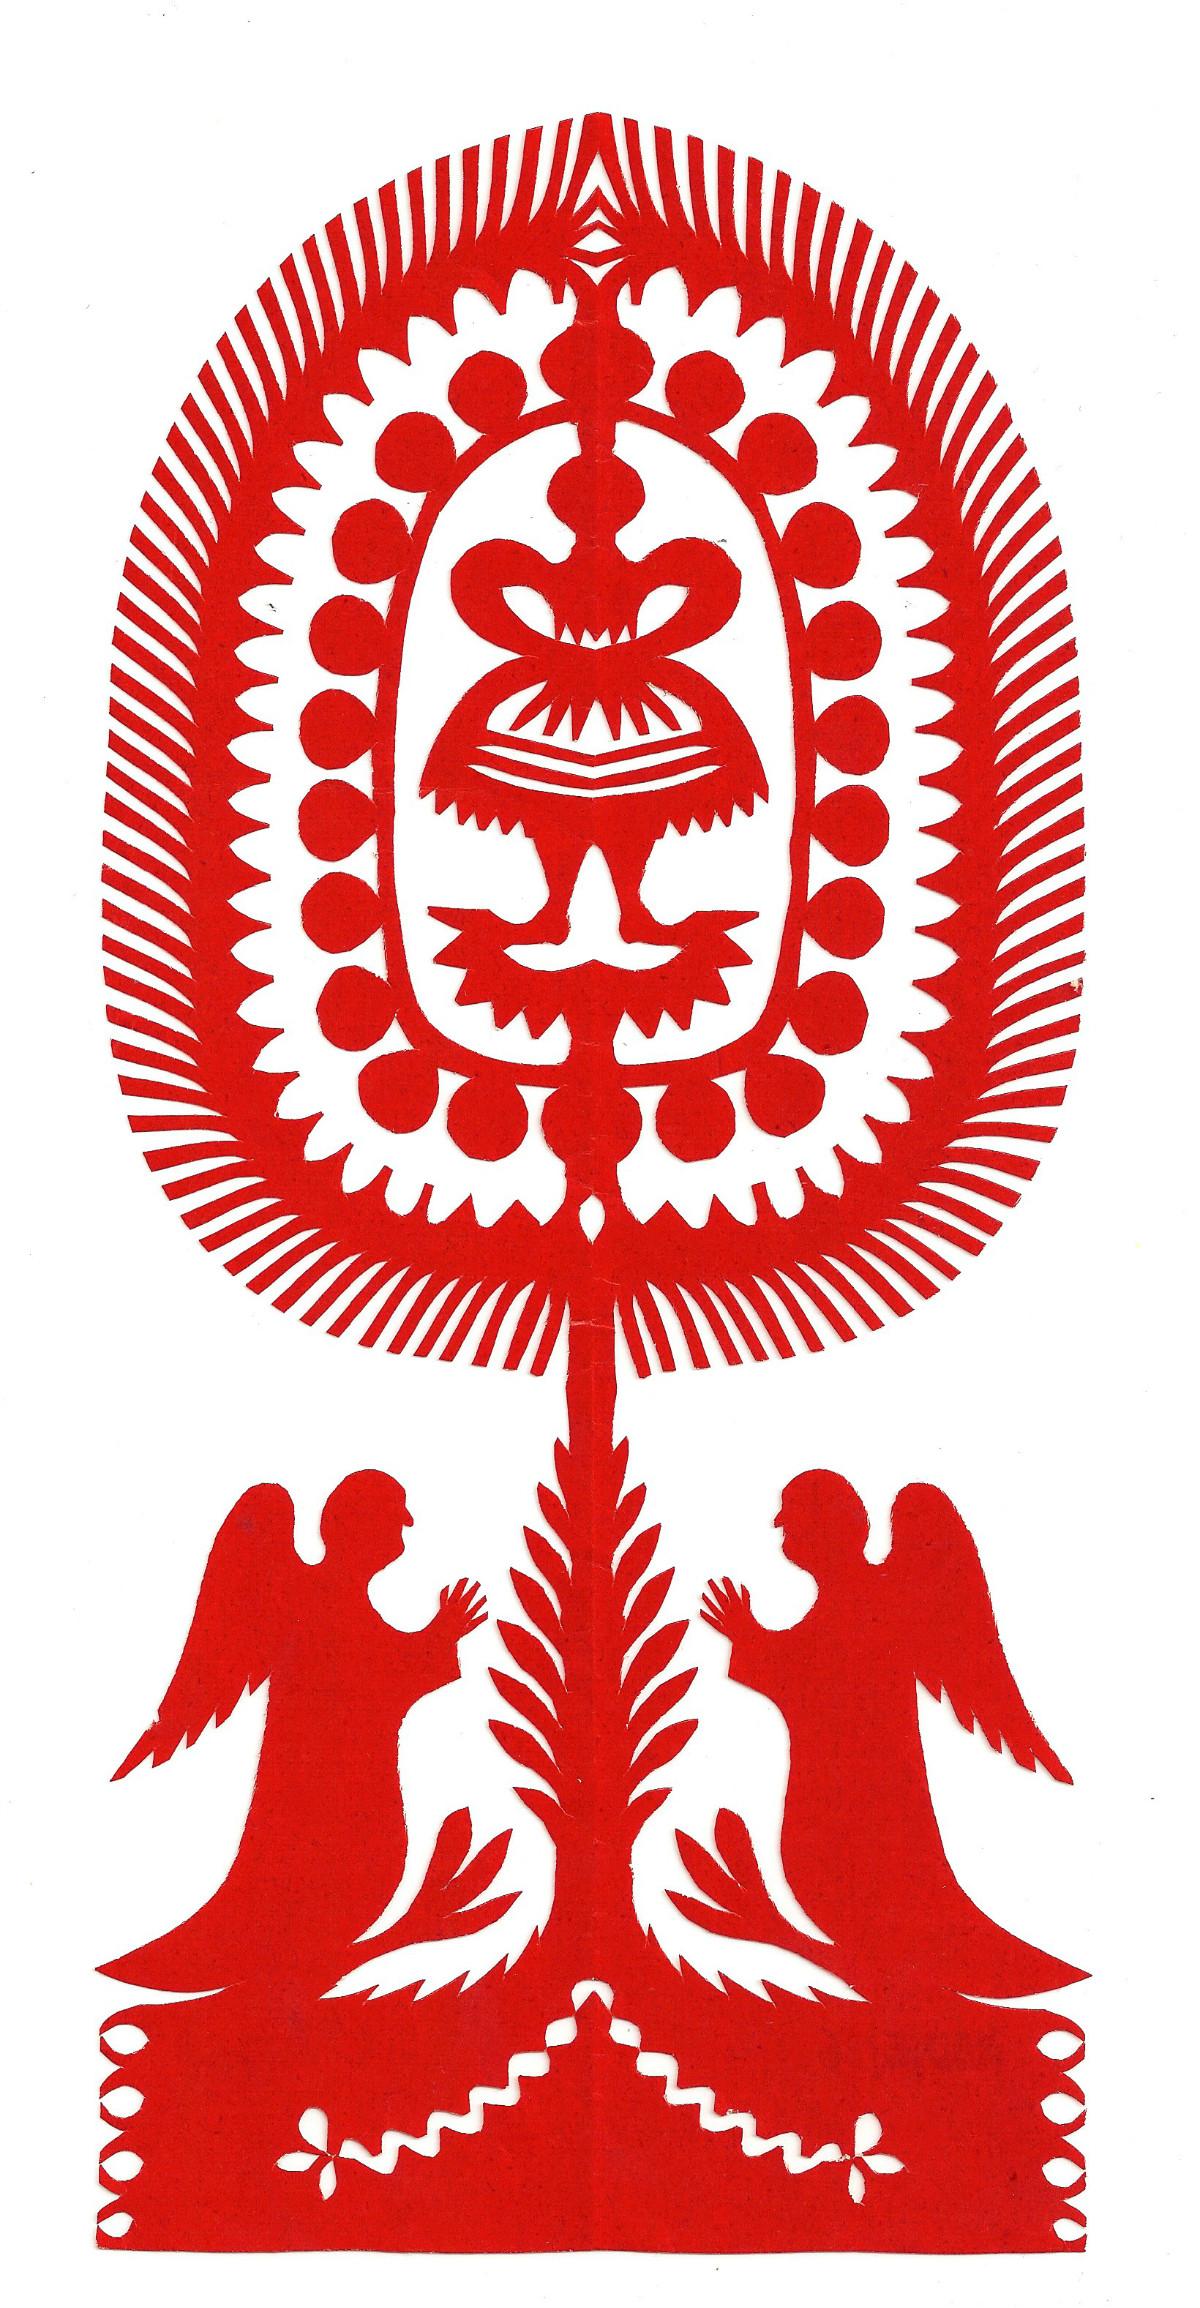 Wycinanka Rozalii Jeziorkowskiej wirtualnym obiektem listopada 2016